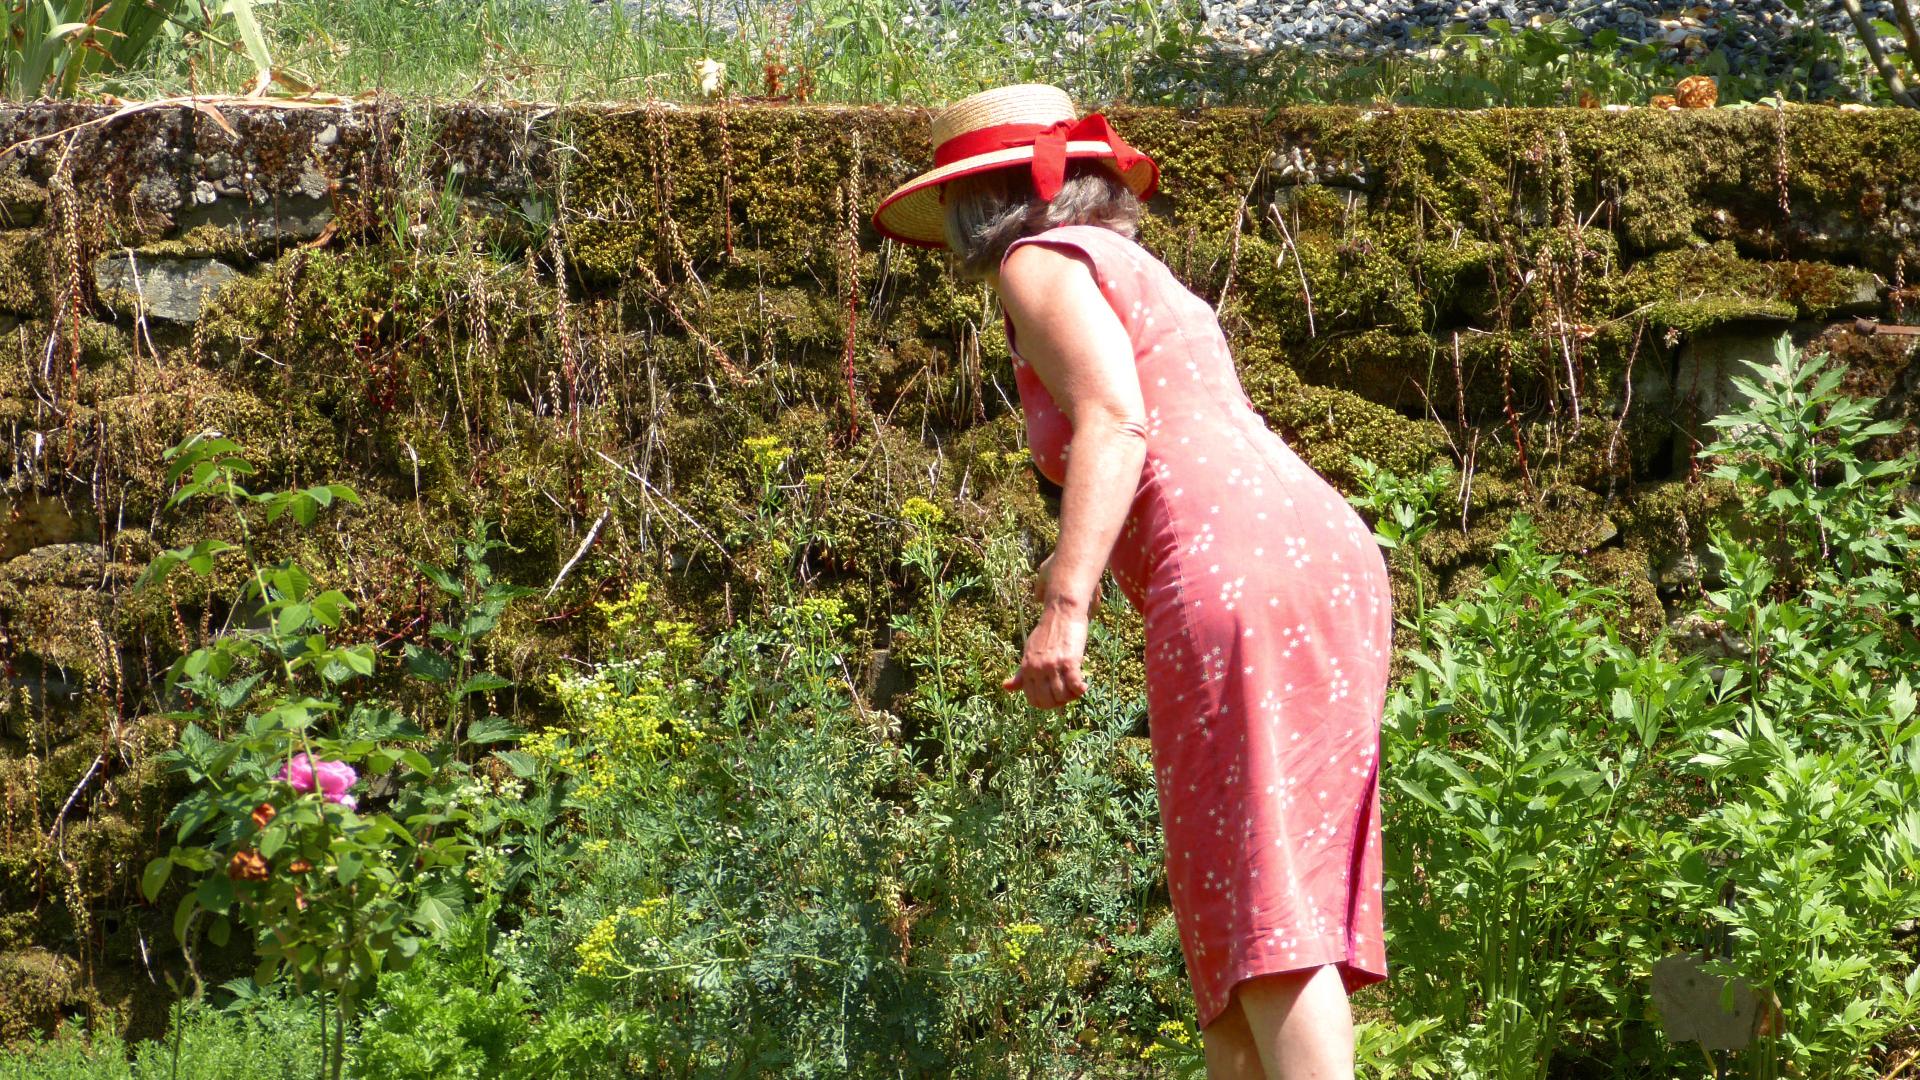 jardin-des-saveurs-villeneuve-sur-tarn-sylvie-campech-les-causeries-culinaires-plantes-aromatiques-slide